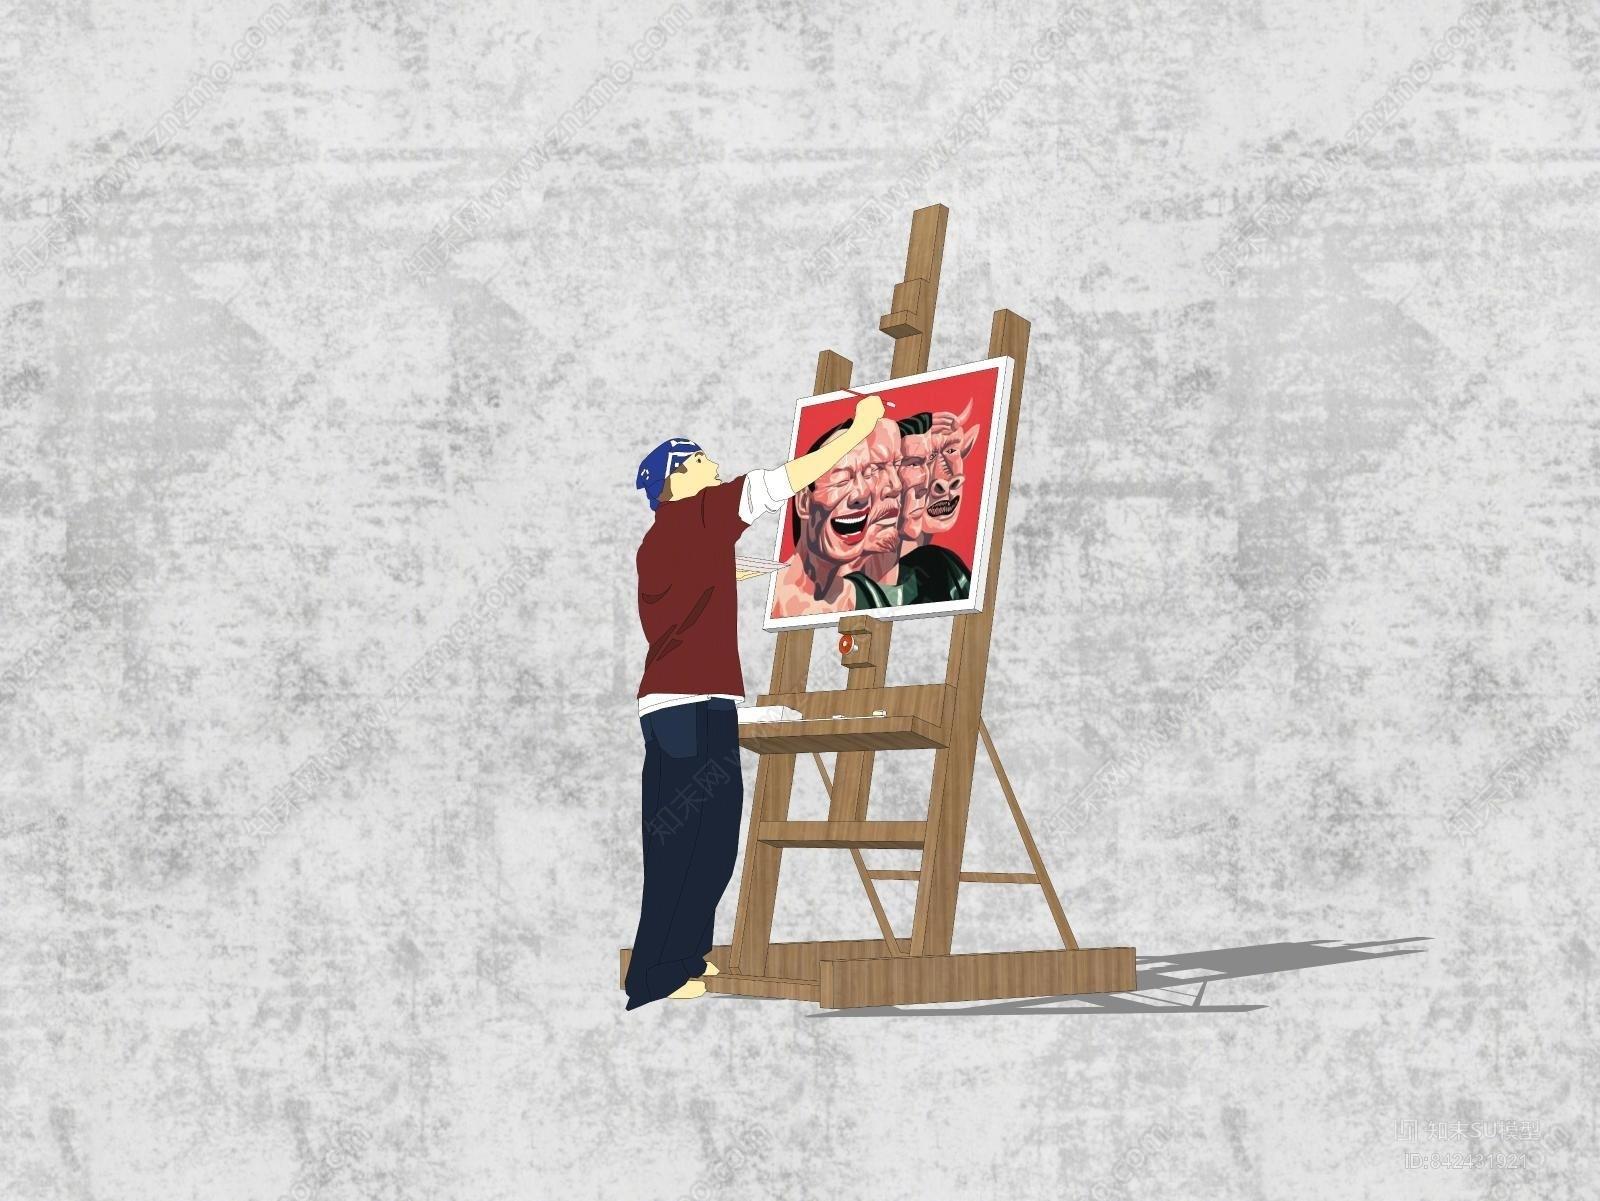 画架 绘画 画板固定架